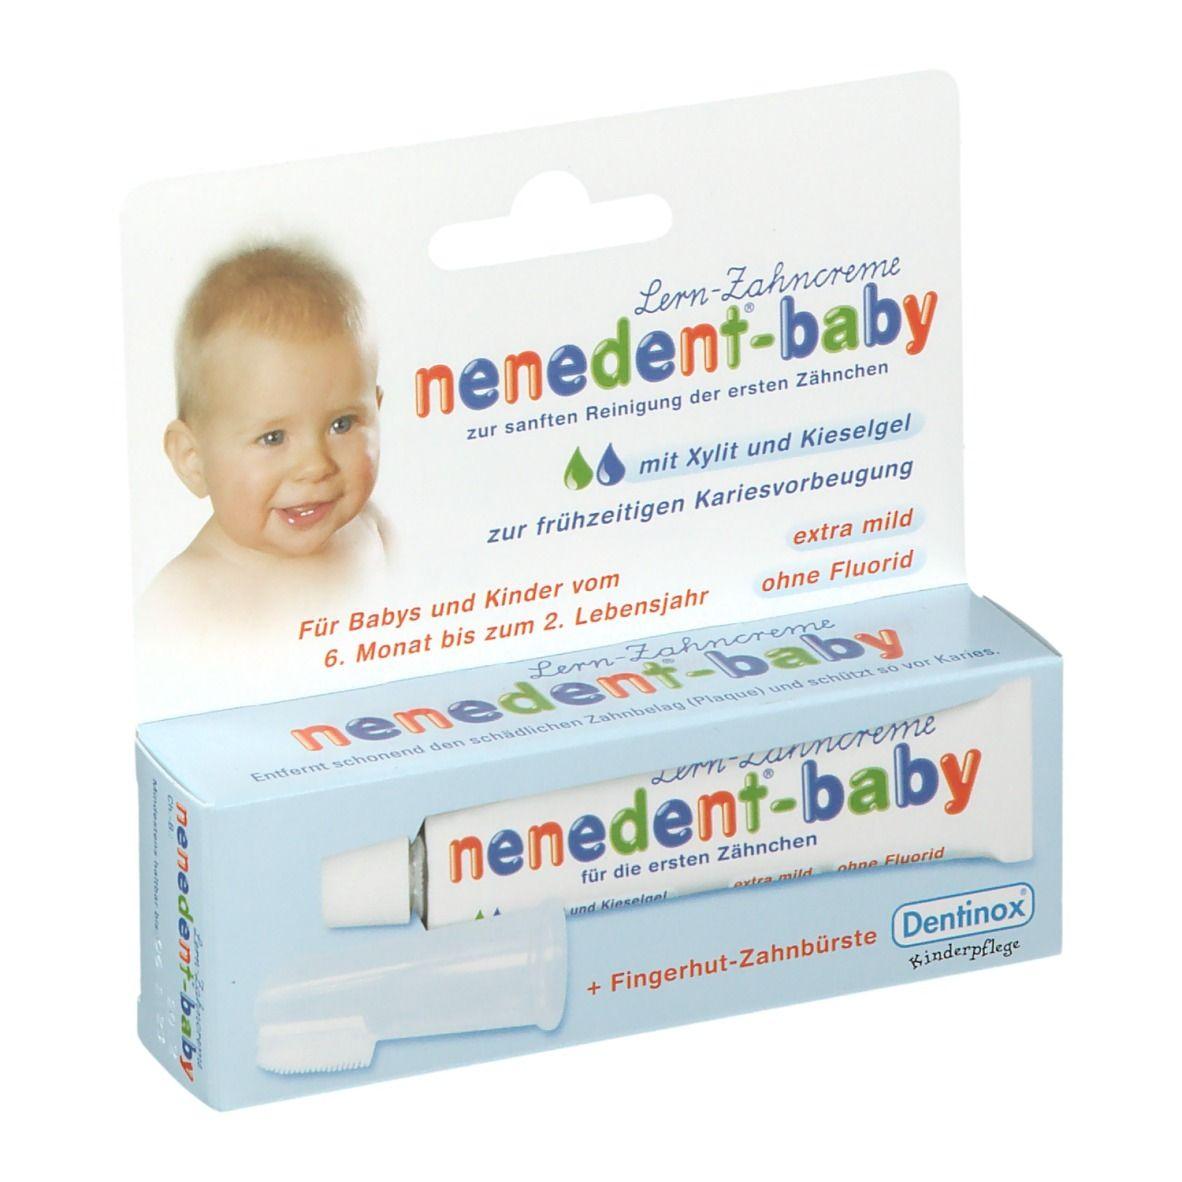 nenedent® baby Zahnpflege Lernset mit Fingerhut Zahnbürste